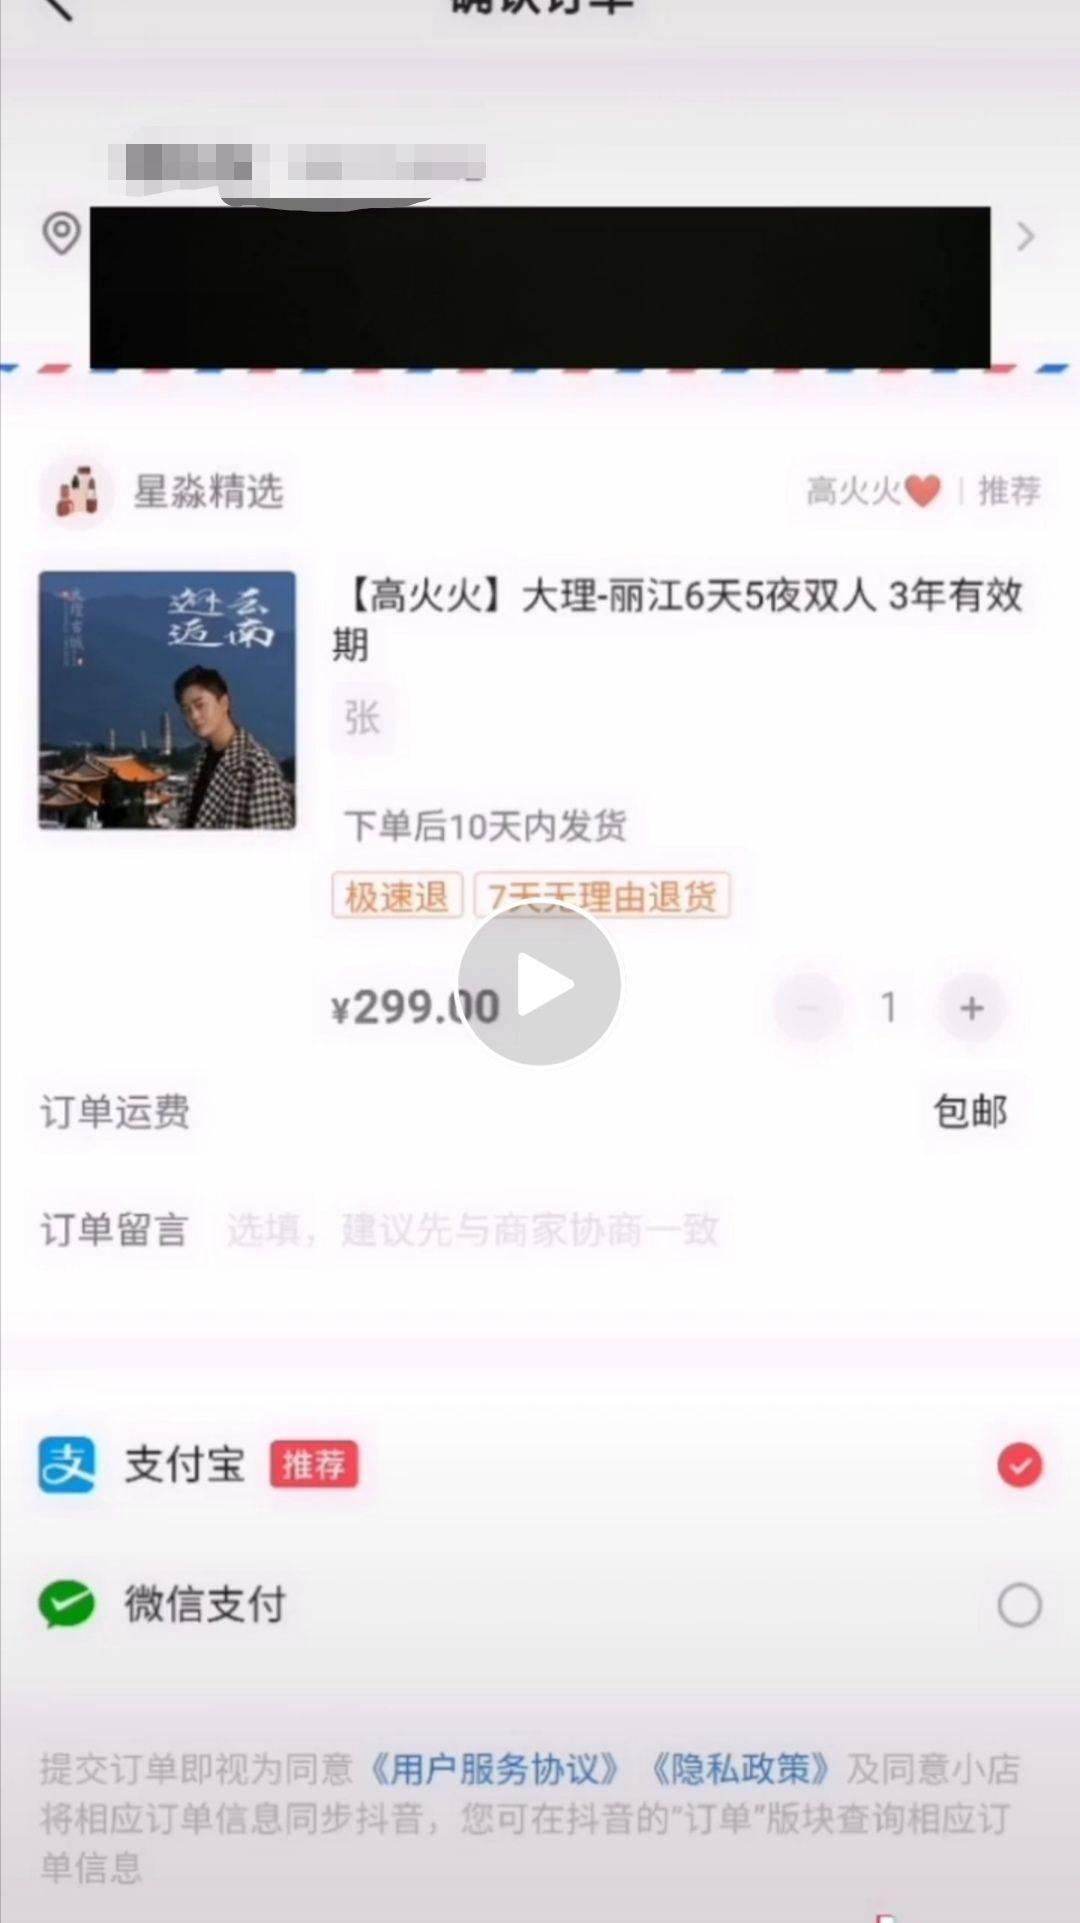 """网红高火火卖299元云南双人游疑似""""以购养游"""",执法部门介入"""